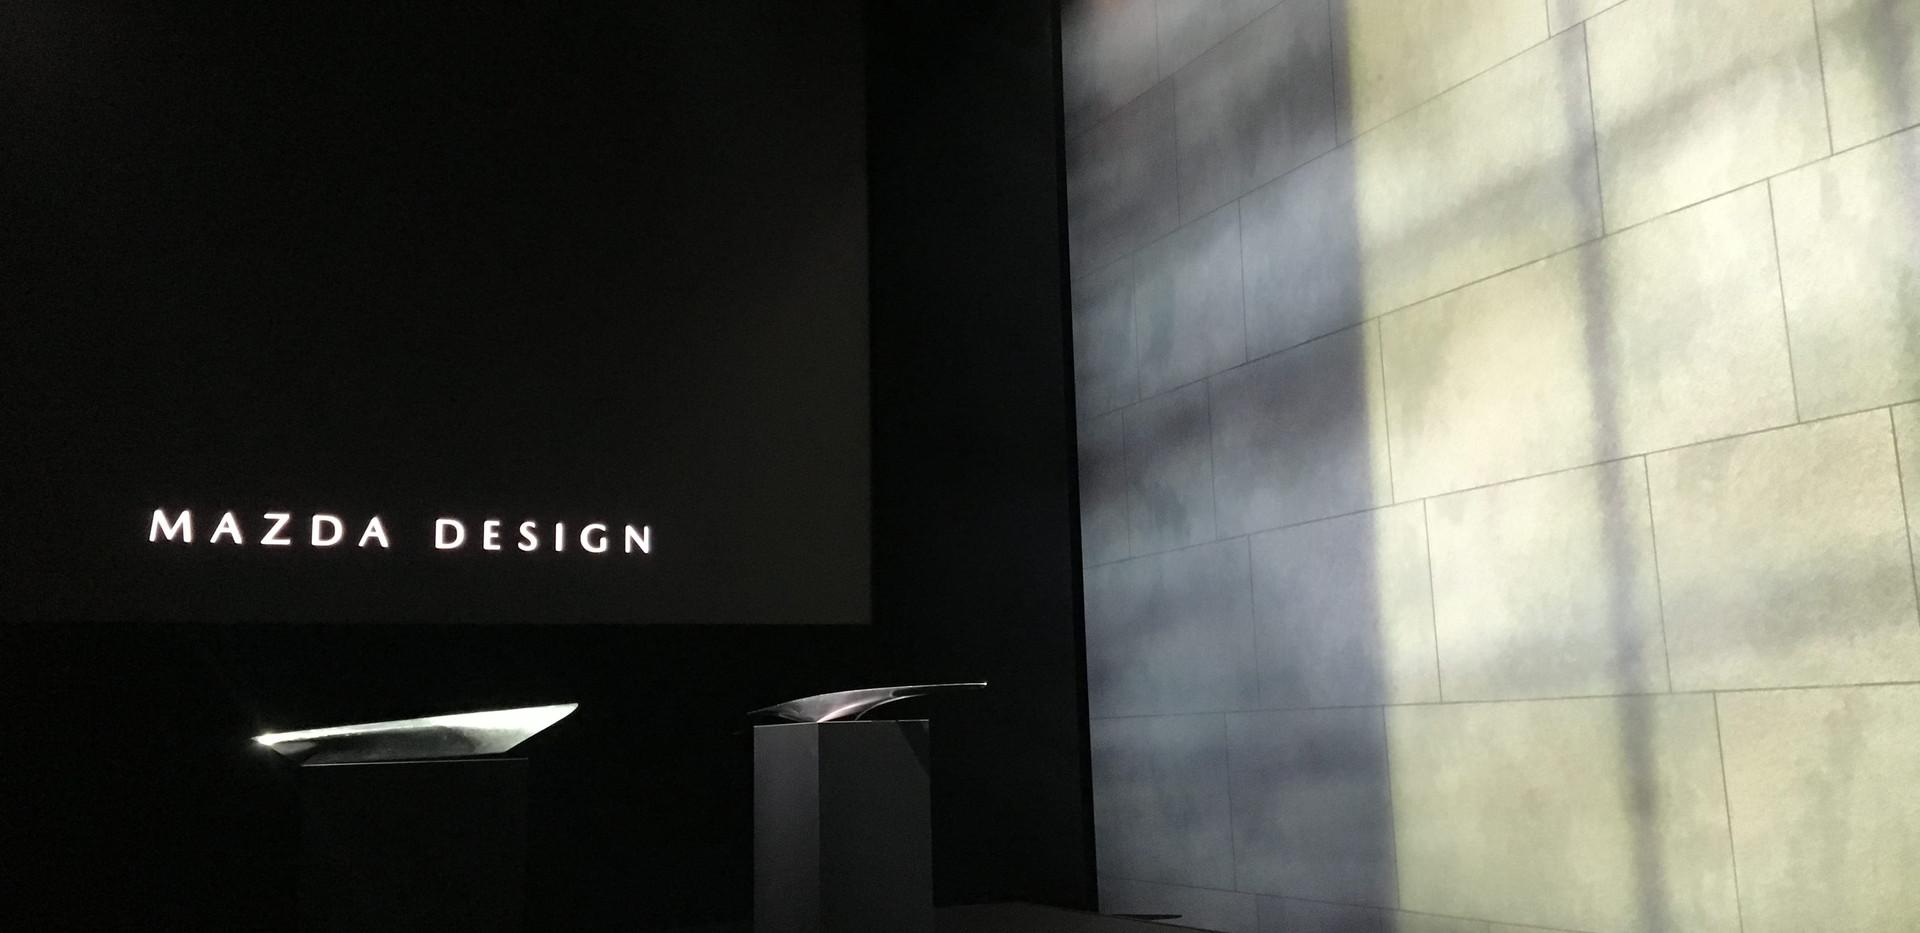 MazdaBrandSummit_2017_details.jpg